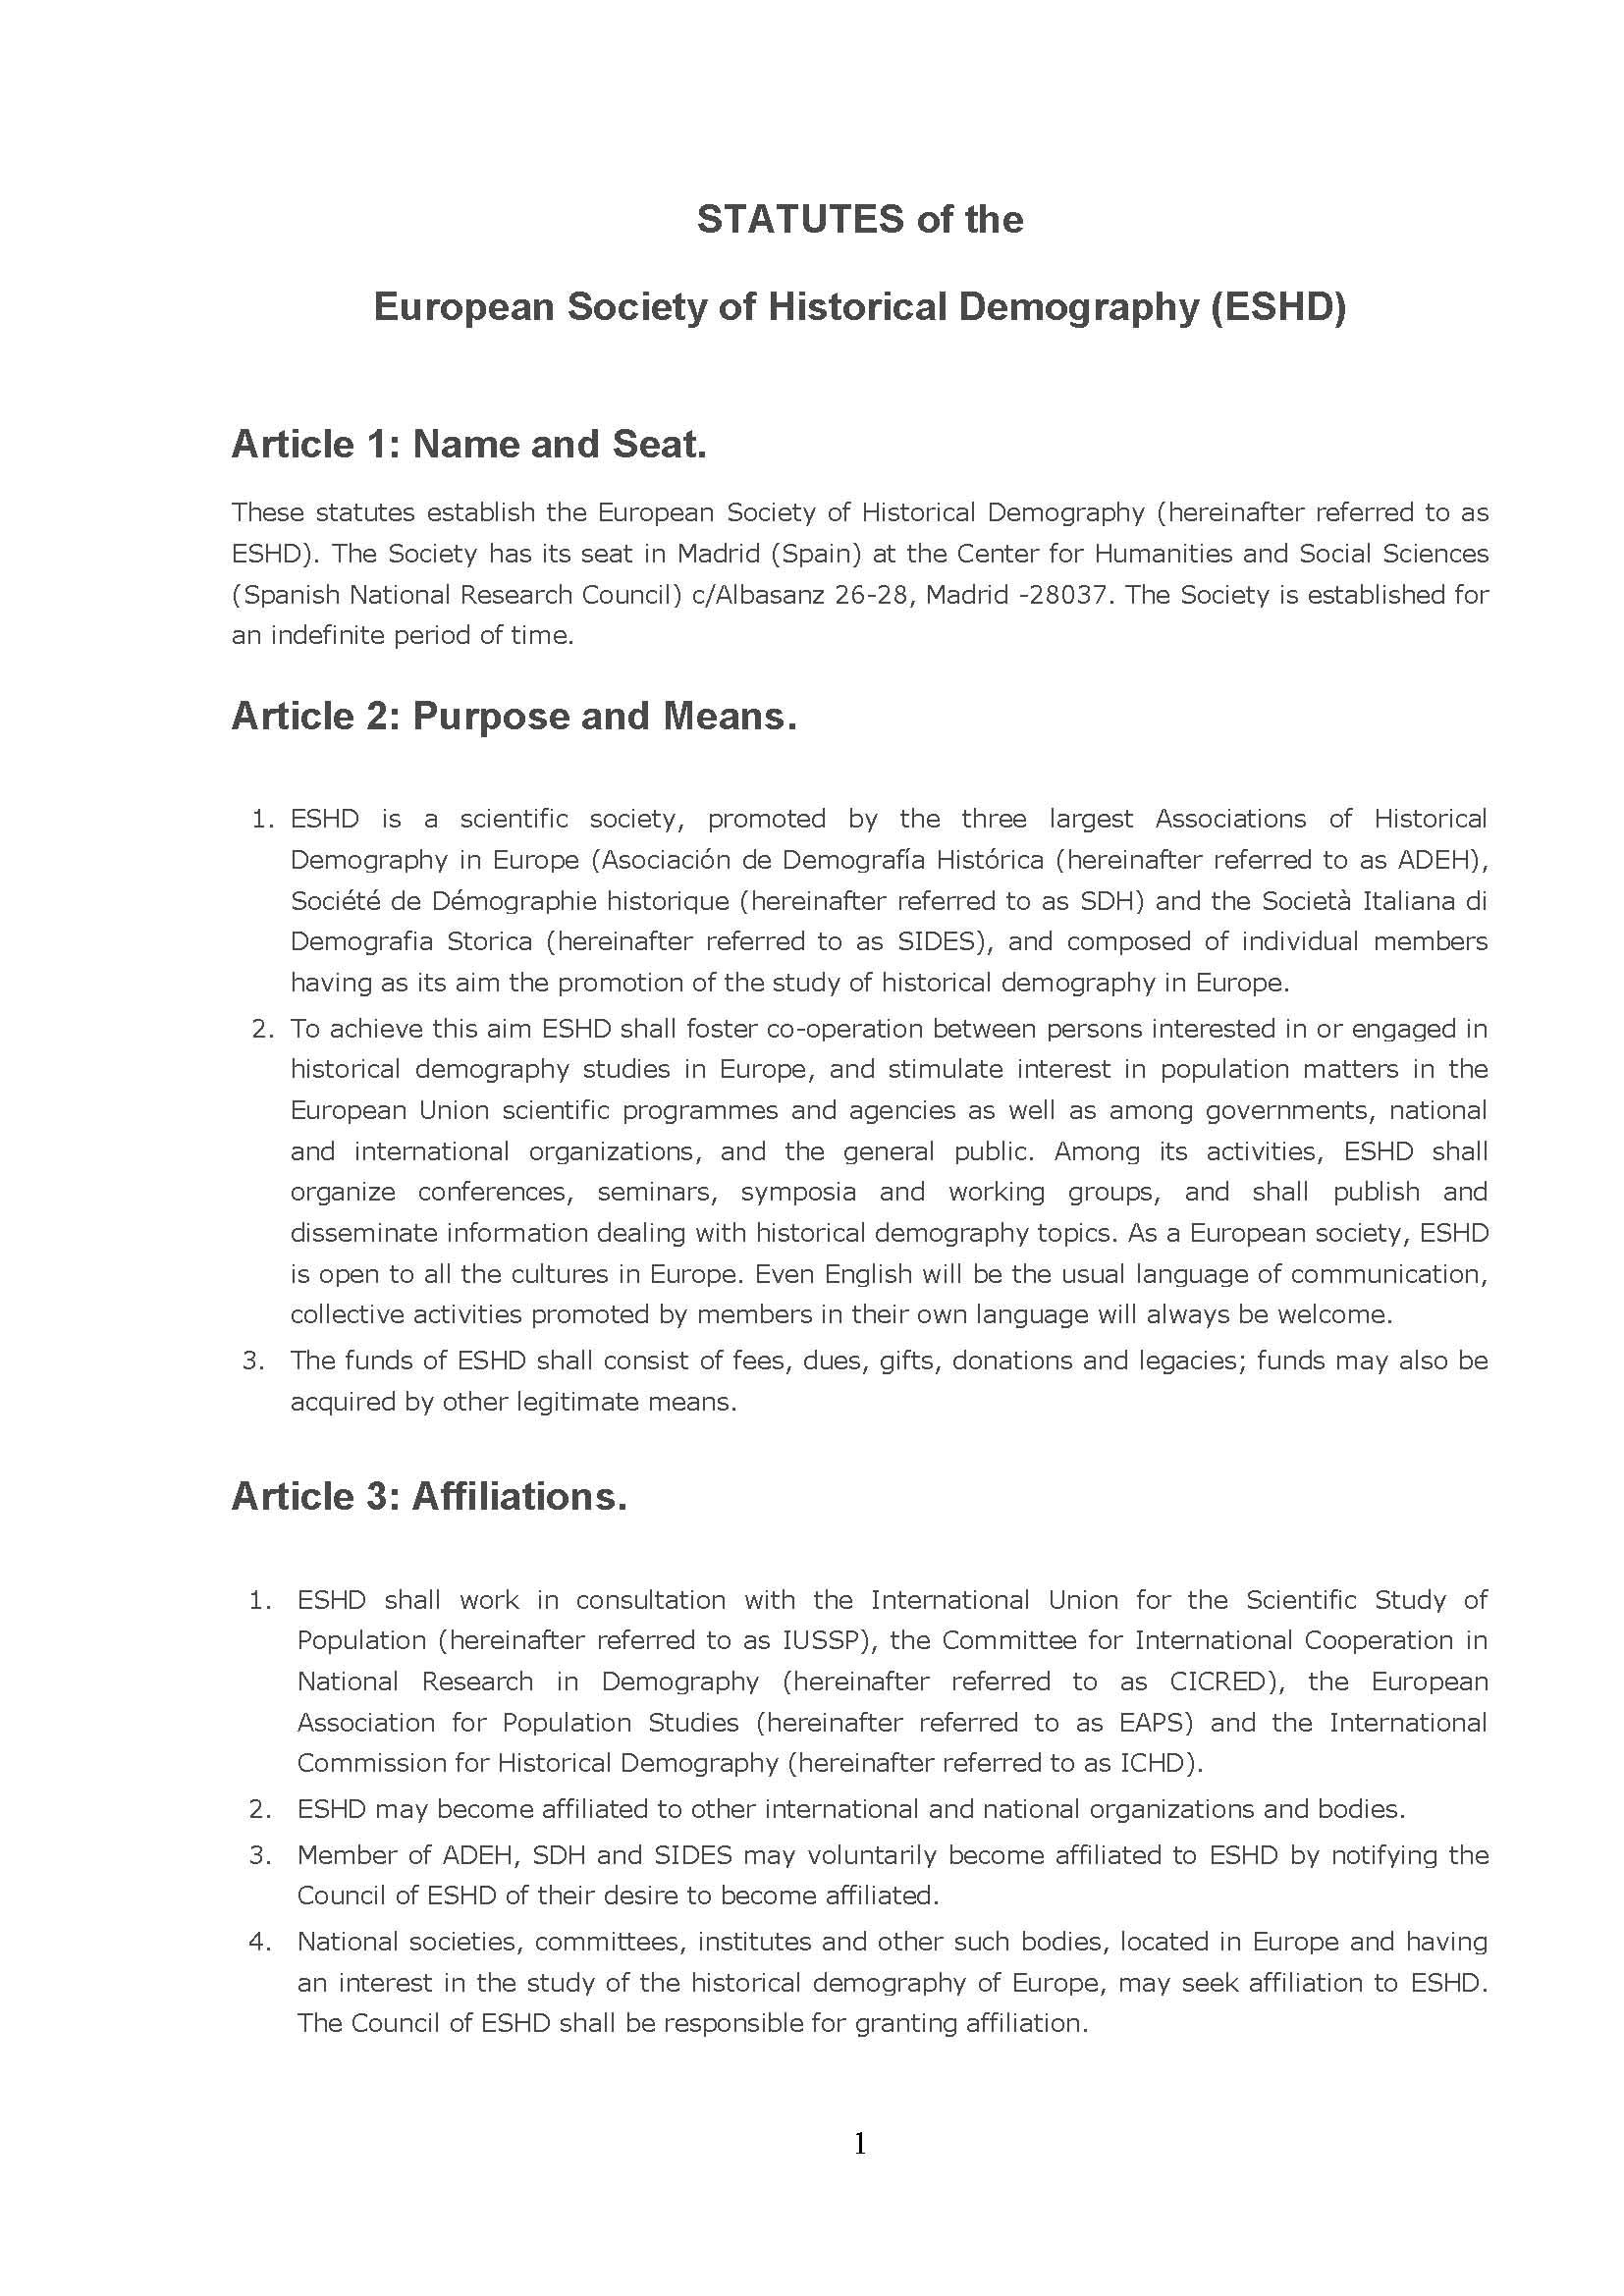 STATUTES 1